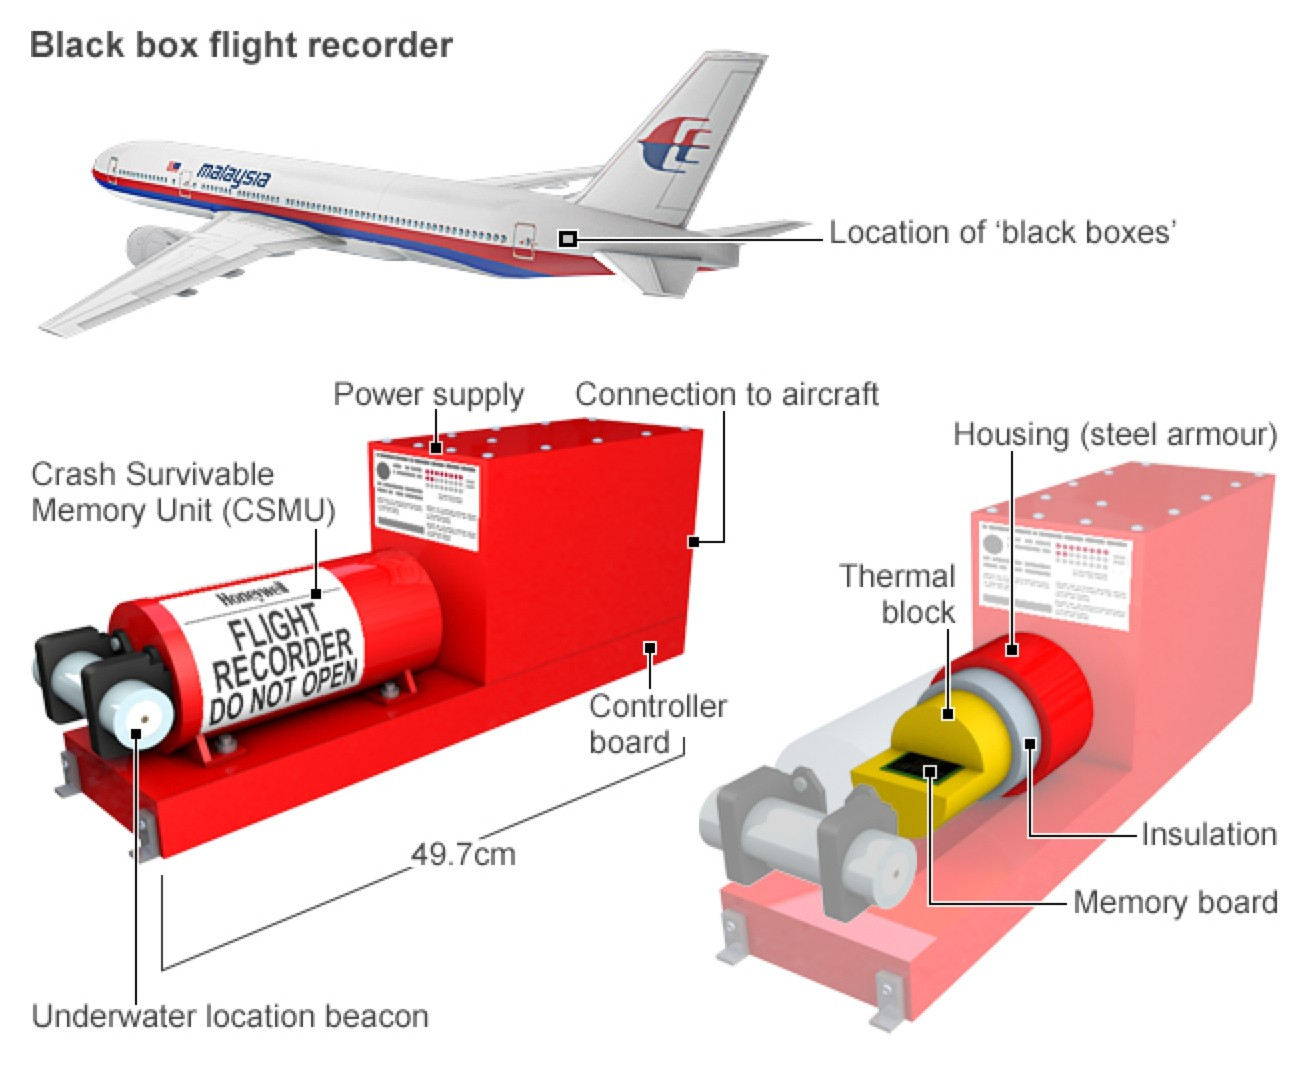 أين يتواجد الصندوق الأسود في الطائرة